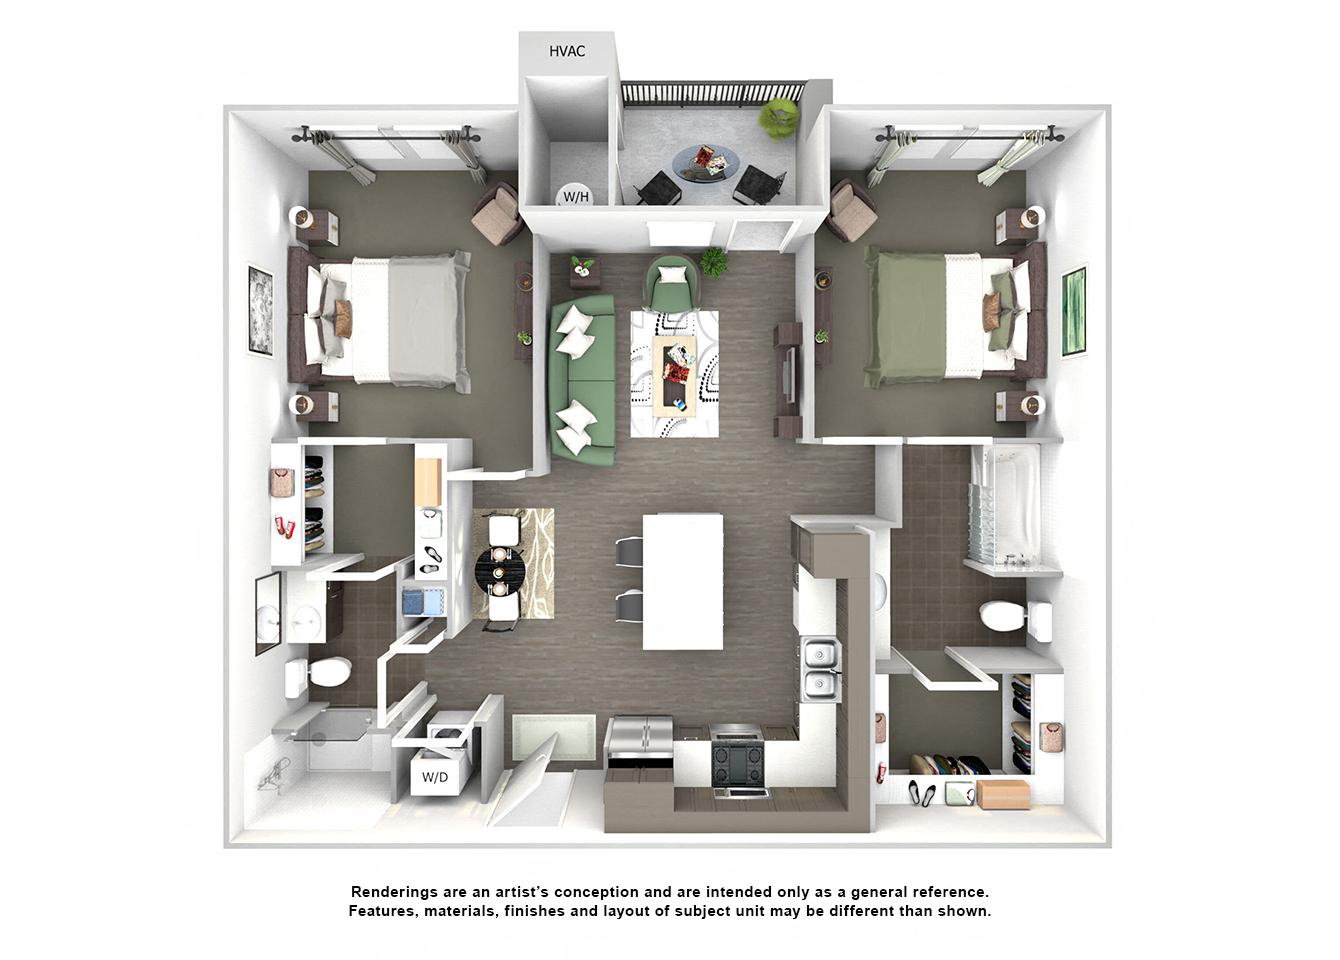 3d floor plan of B1 Auburn Hills two bedroom